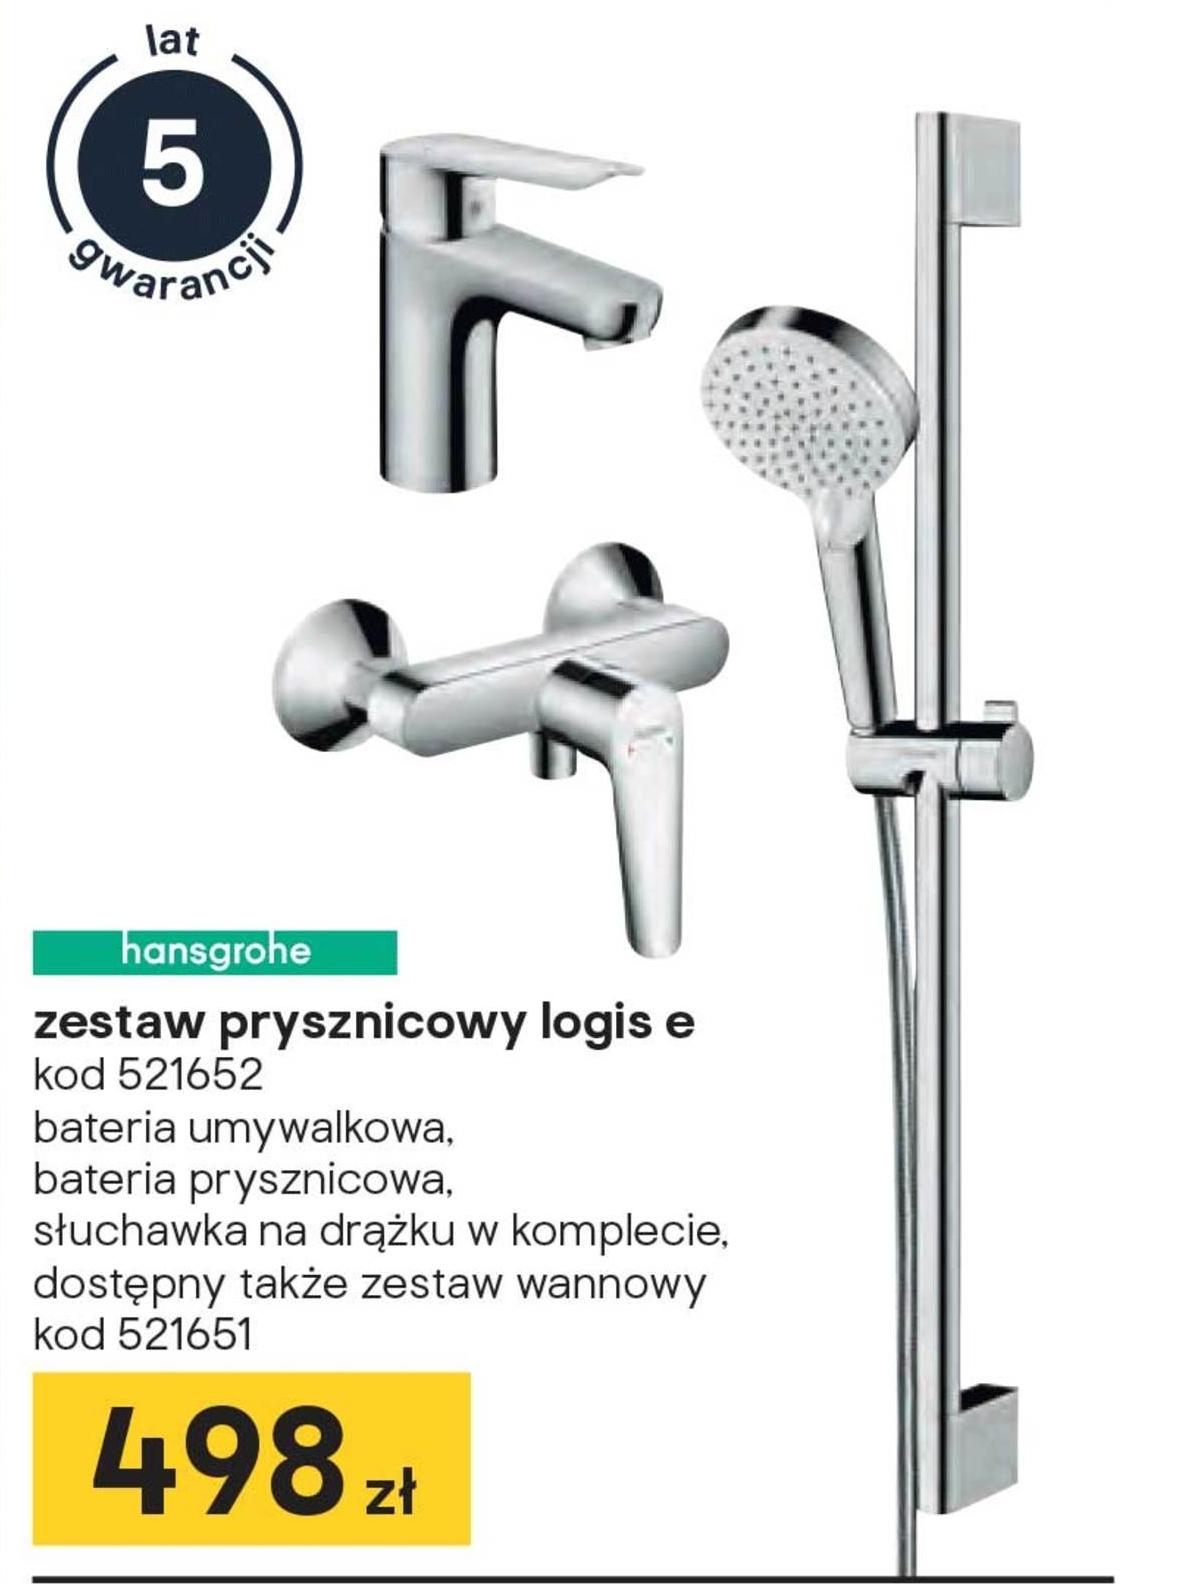 Zestaw prysznicowy Hansgrohe niska cena